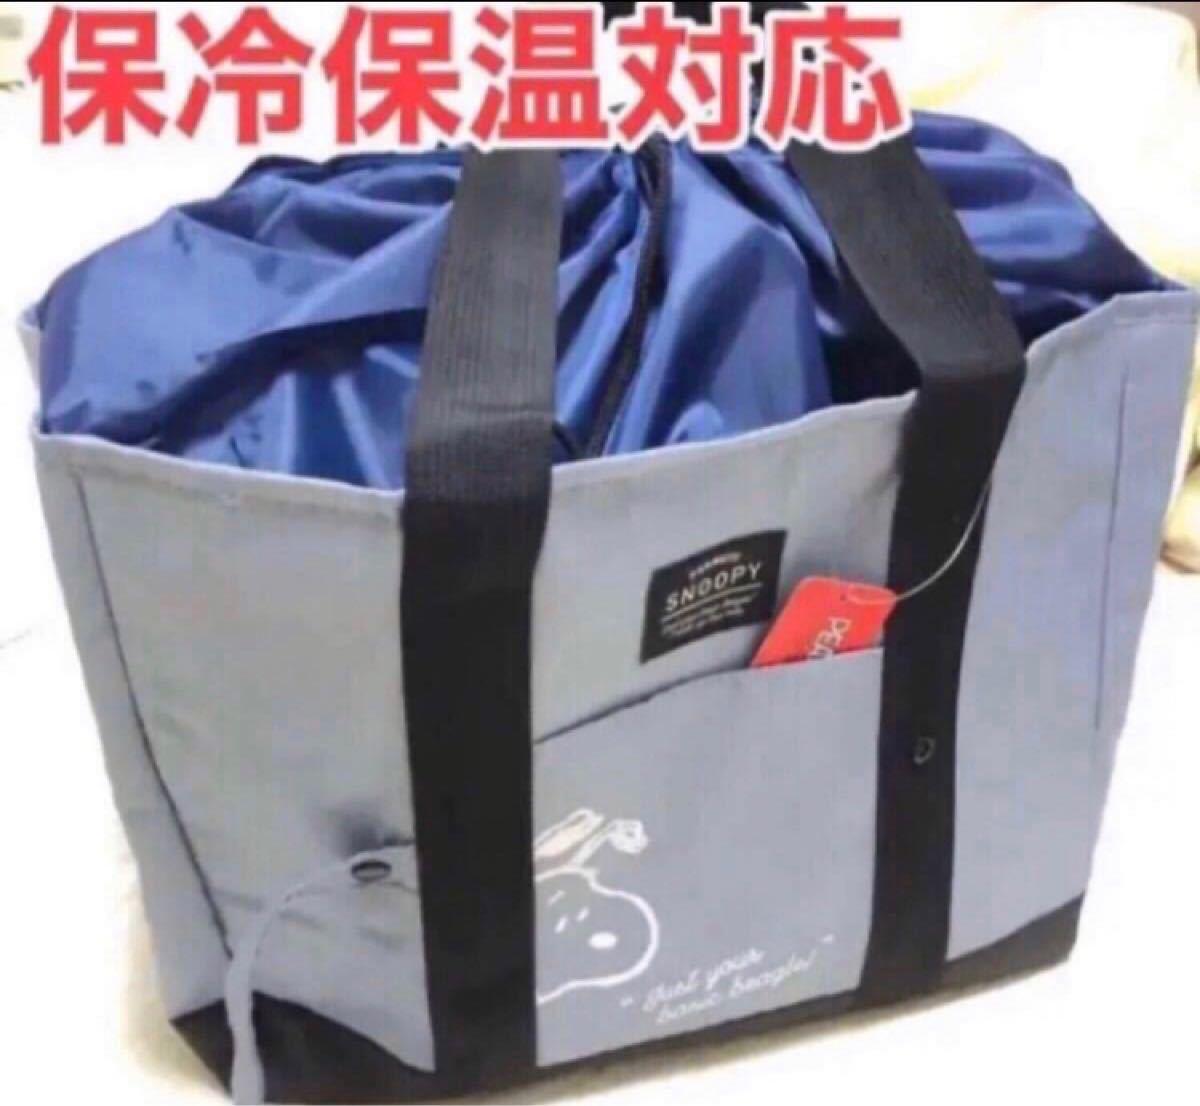 スヌーピー  保冷バッグ エコバッグ レジカゴバッグ 保冷 ショッピングバッグ レジカゴ